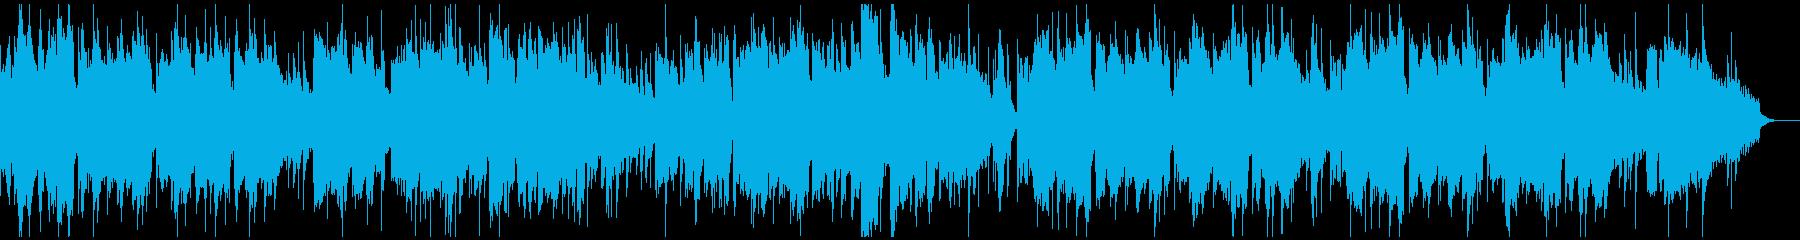 和風 旅館 旅 温泉をイメージした曲の再生済みの波形